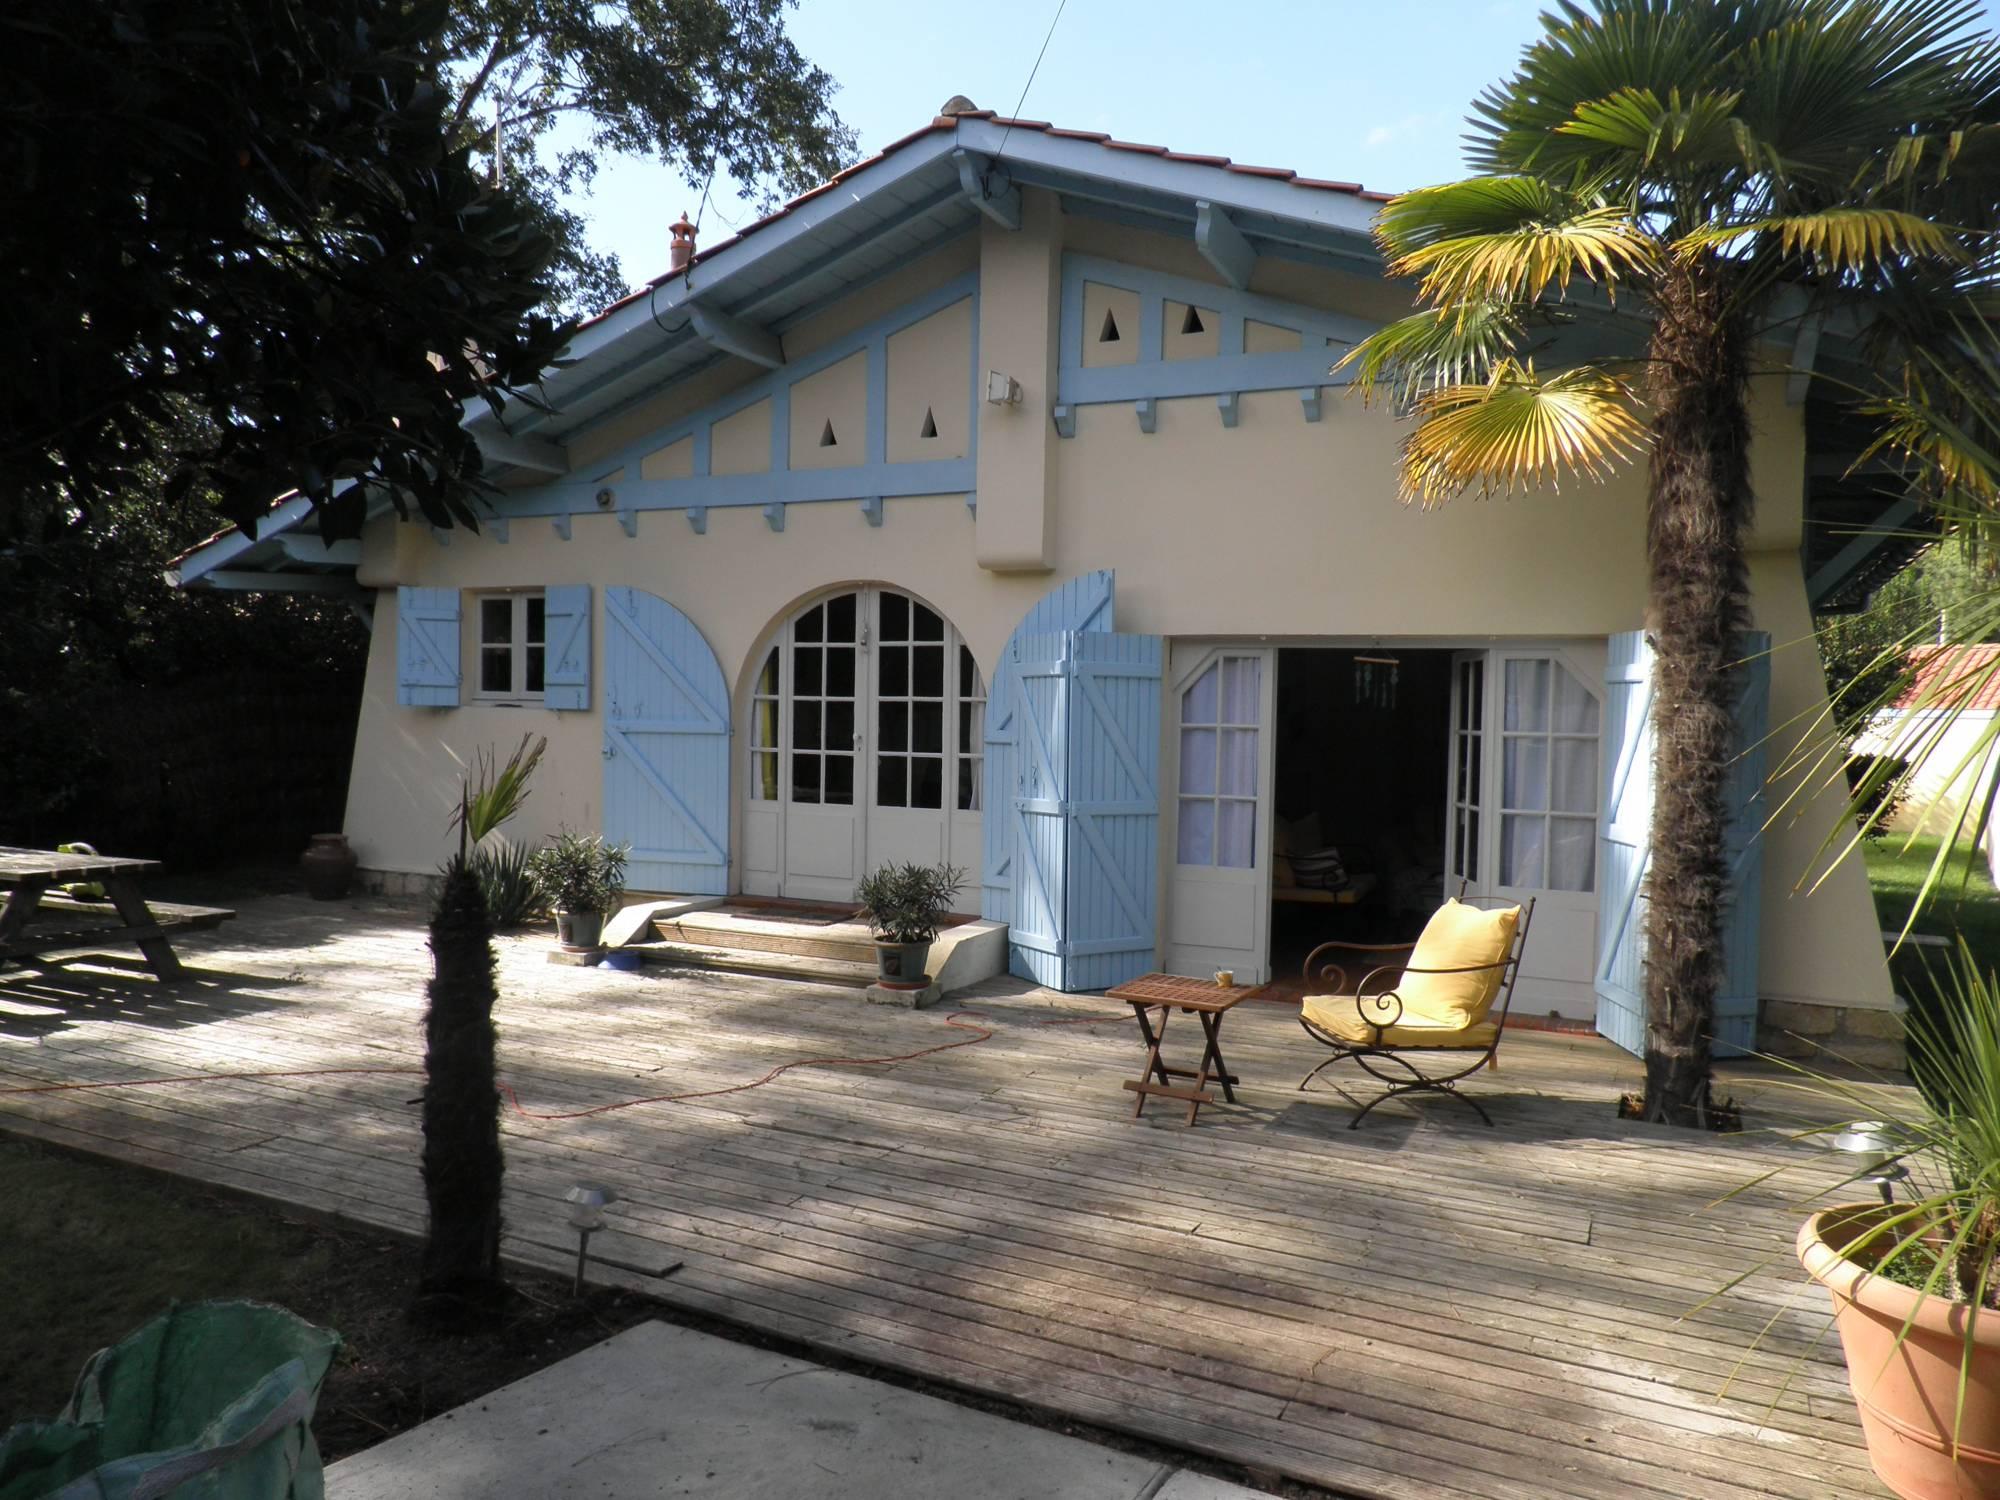 Location Maison De Vacances 3 Chambres Avec Jardin Et Belle ... avec Maison Avec Jardin A Louer